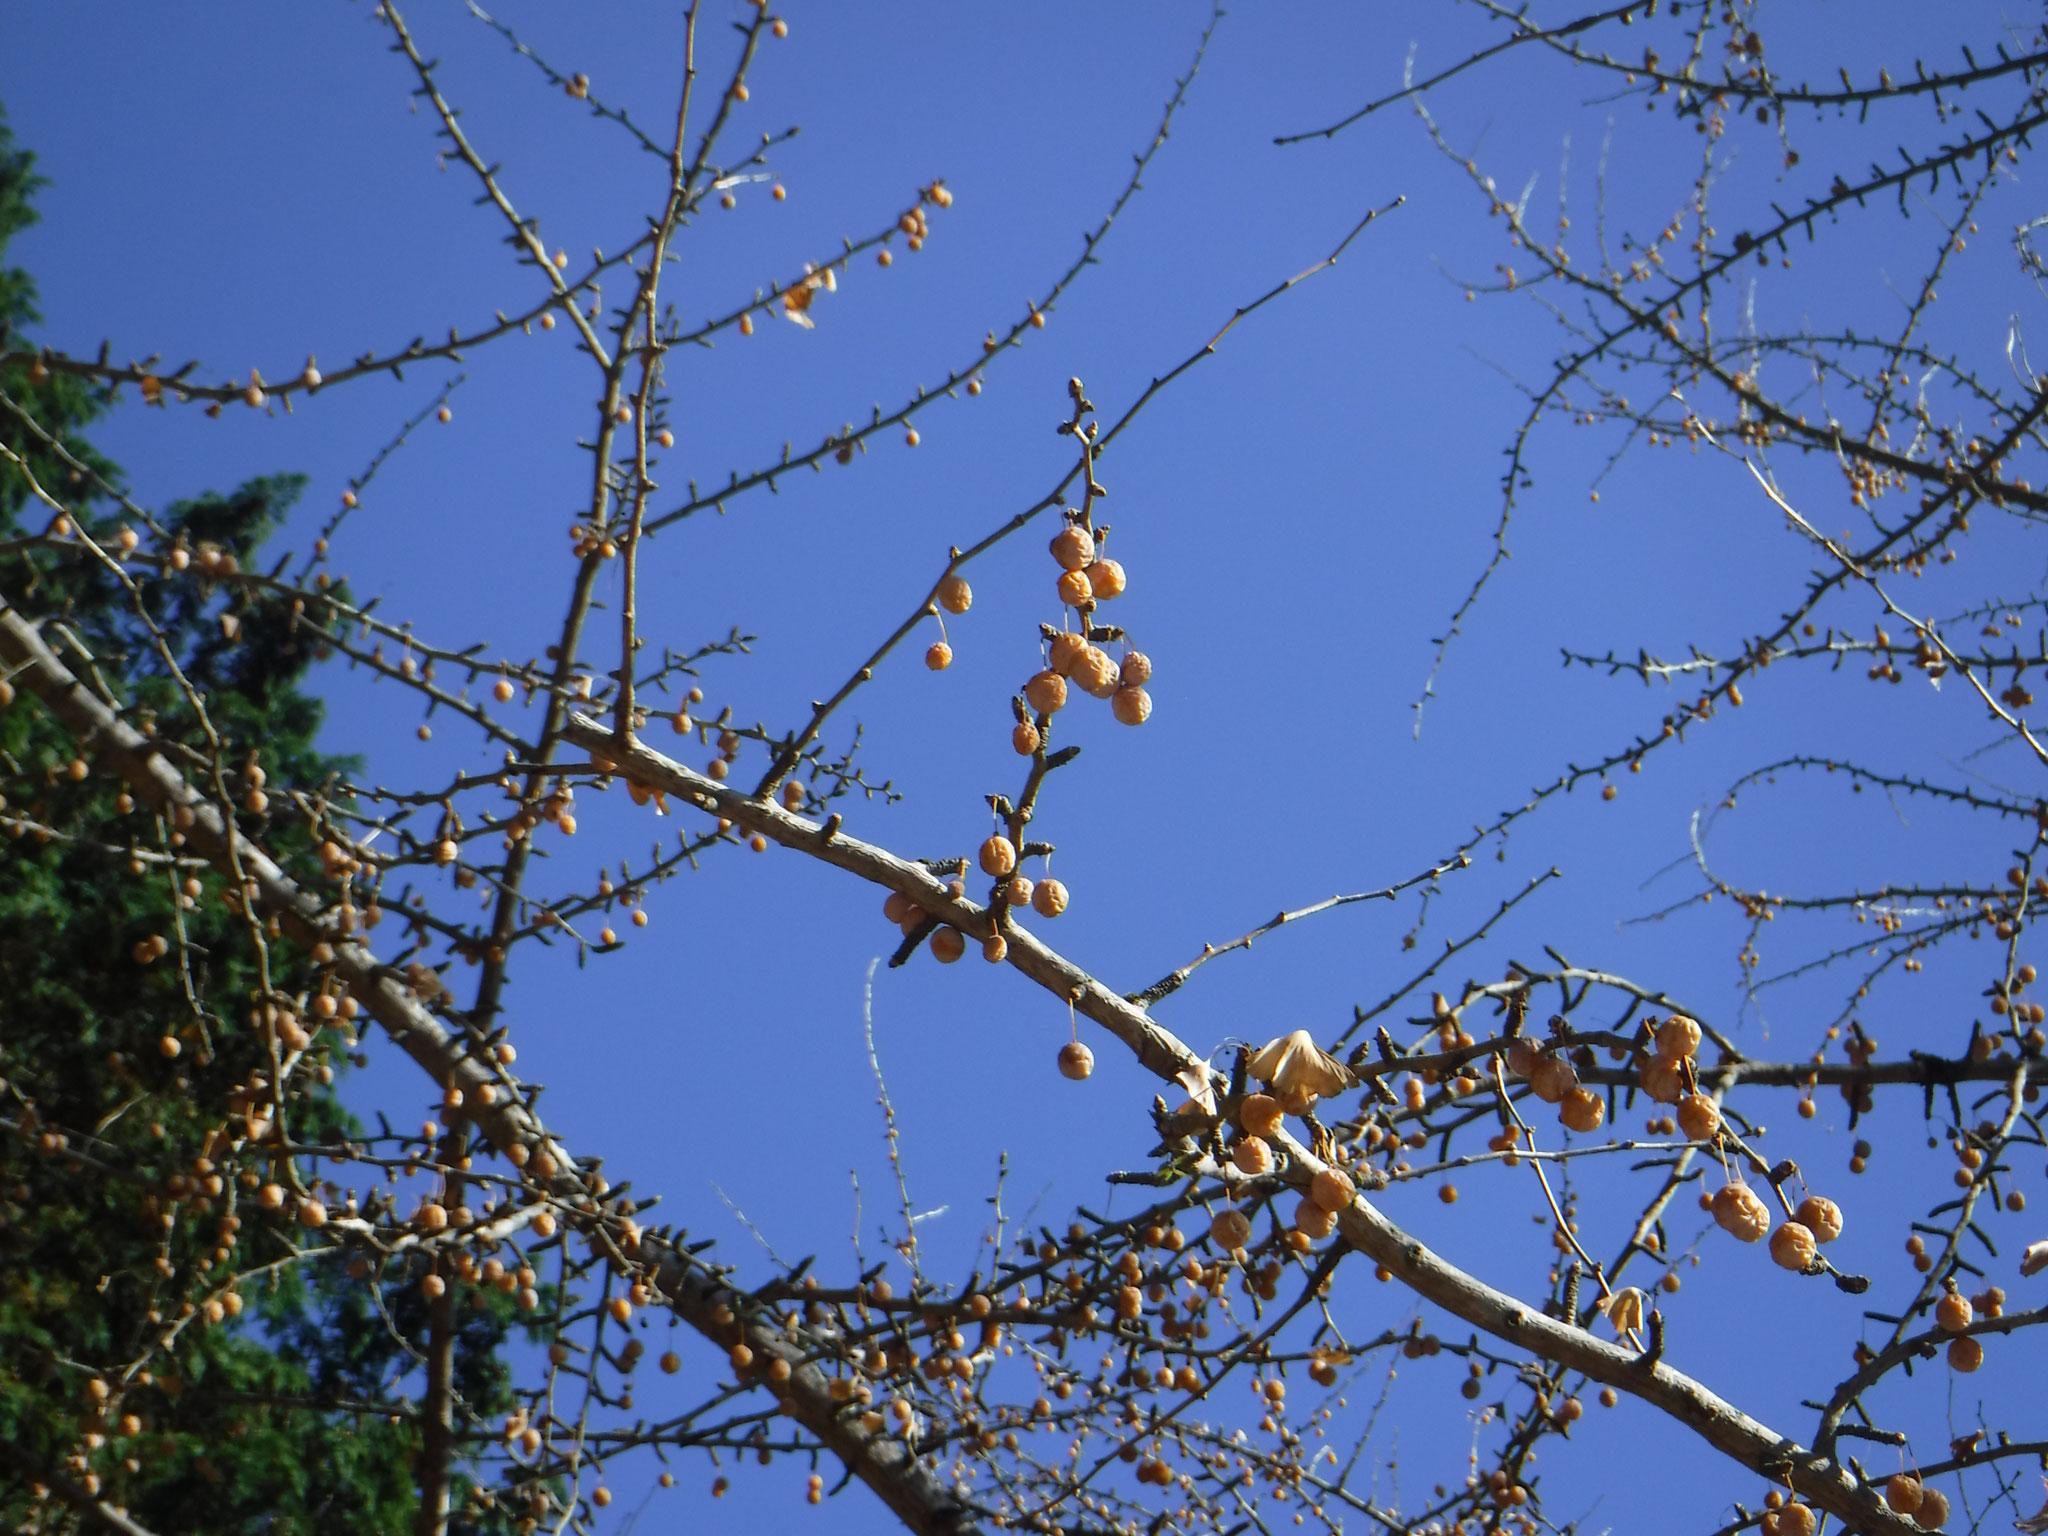 落葉した木に残る銀杏